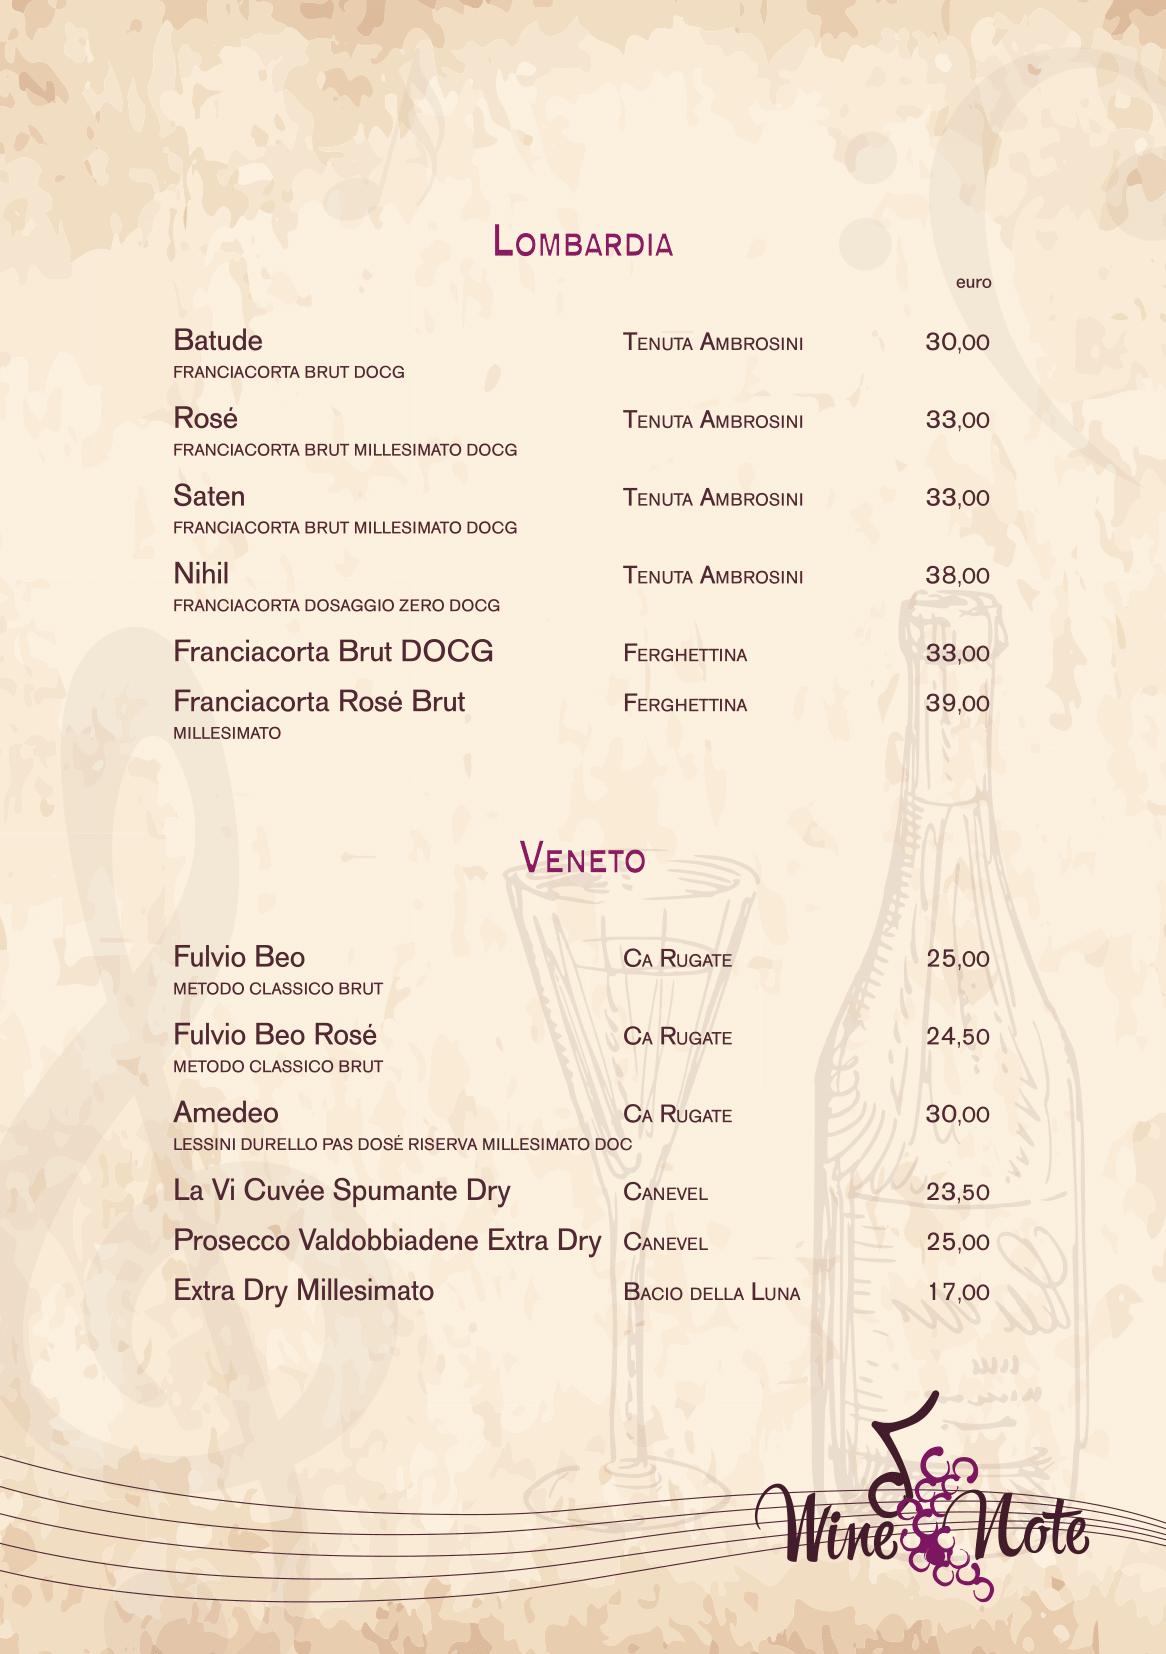 Wine note menu e vini A5-18